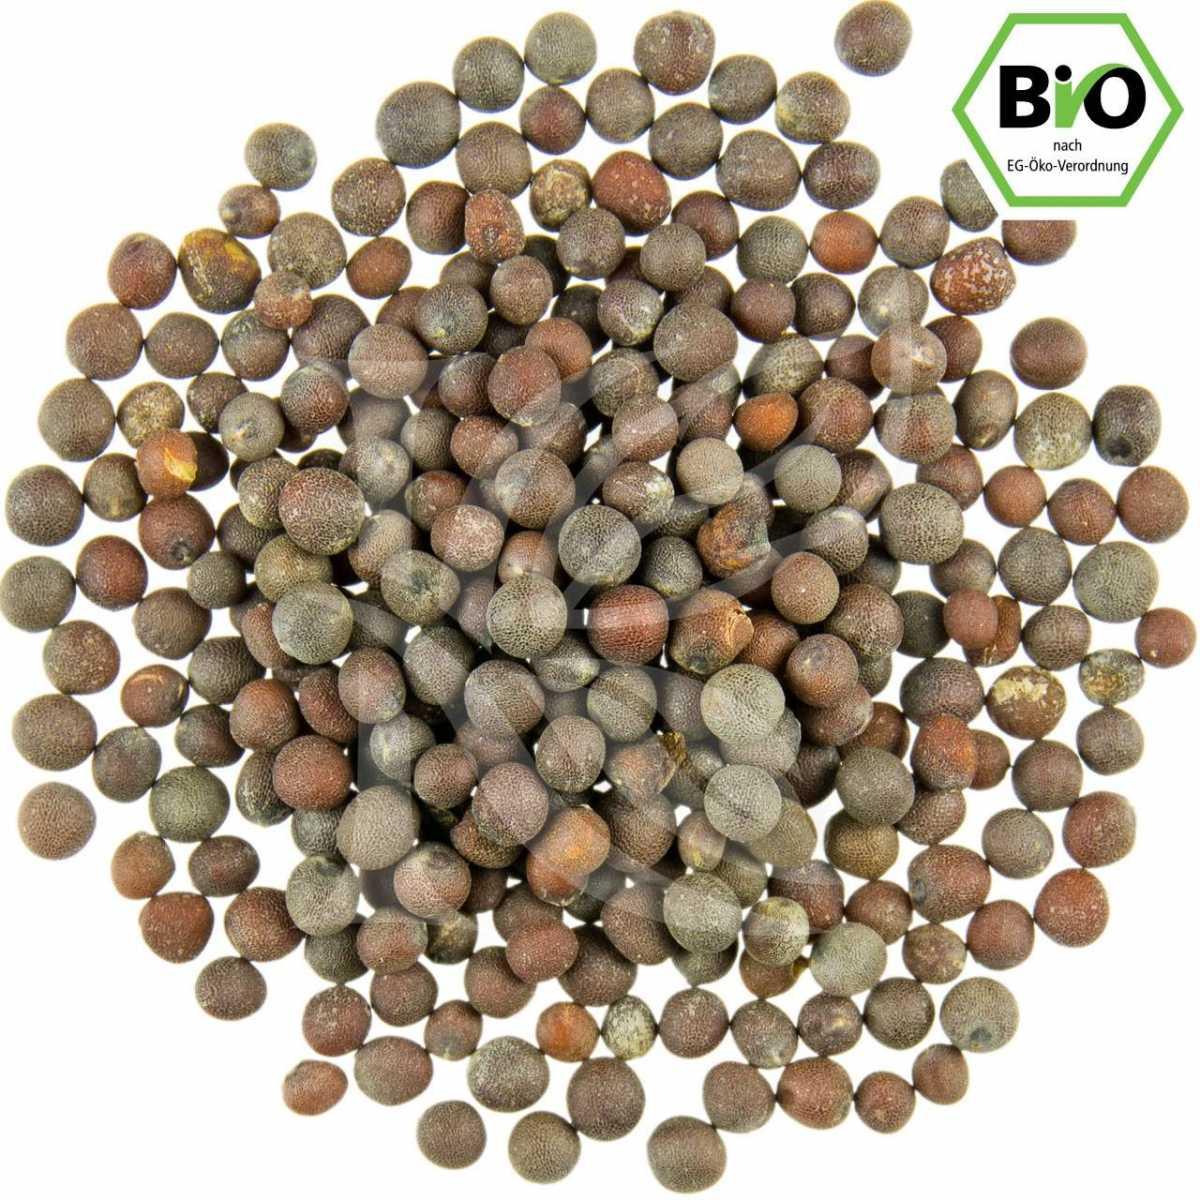 braune Senfkörner, Bio in unserem Onlineshop kaufen